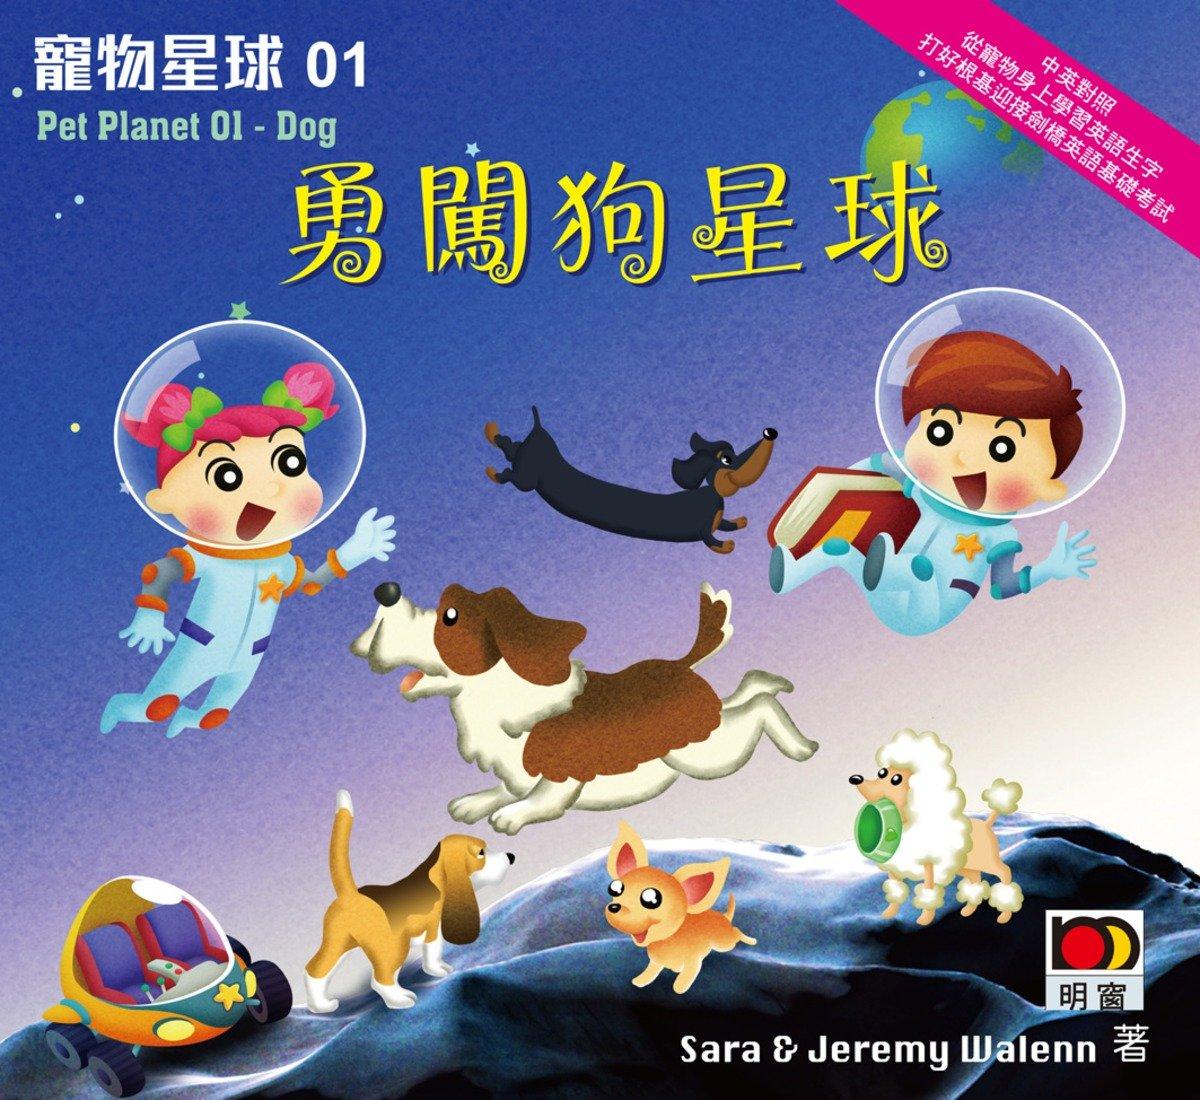 寵物星球01:勇闖狗星球